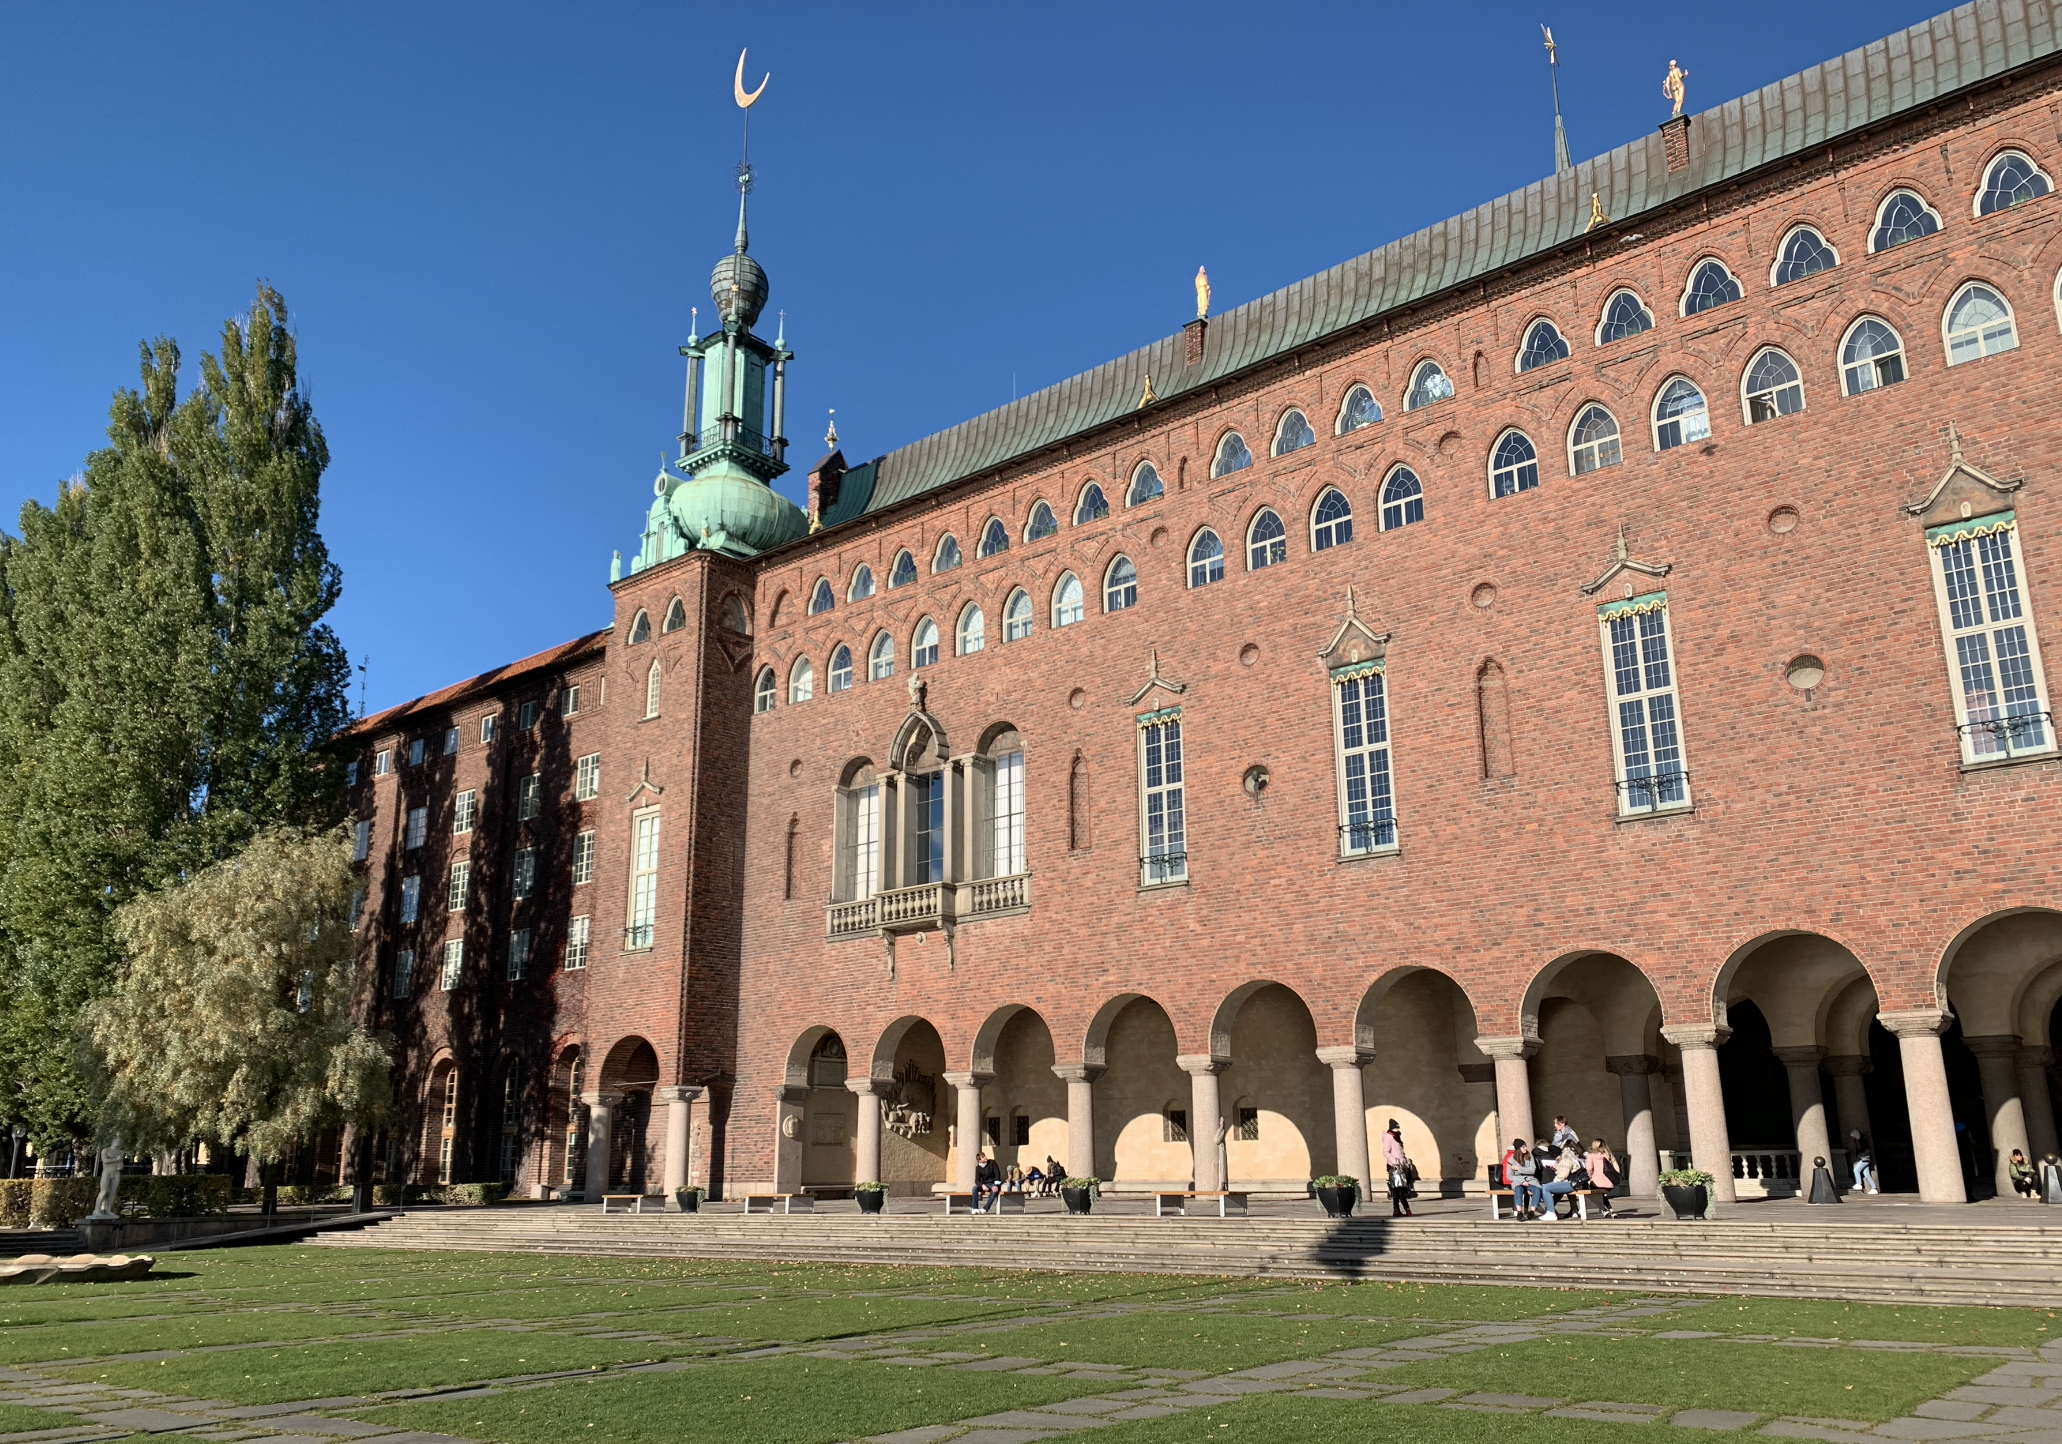 batiment de l'hotel de ville de stockholm